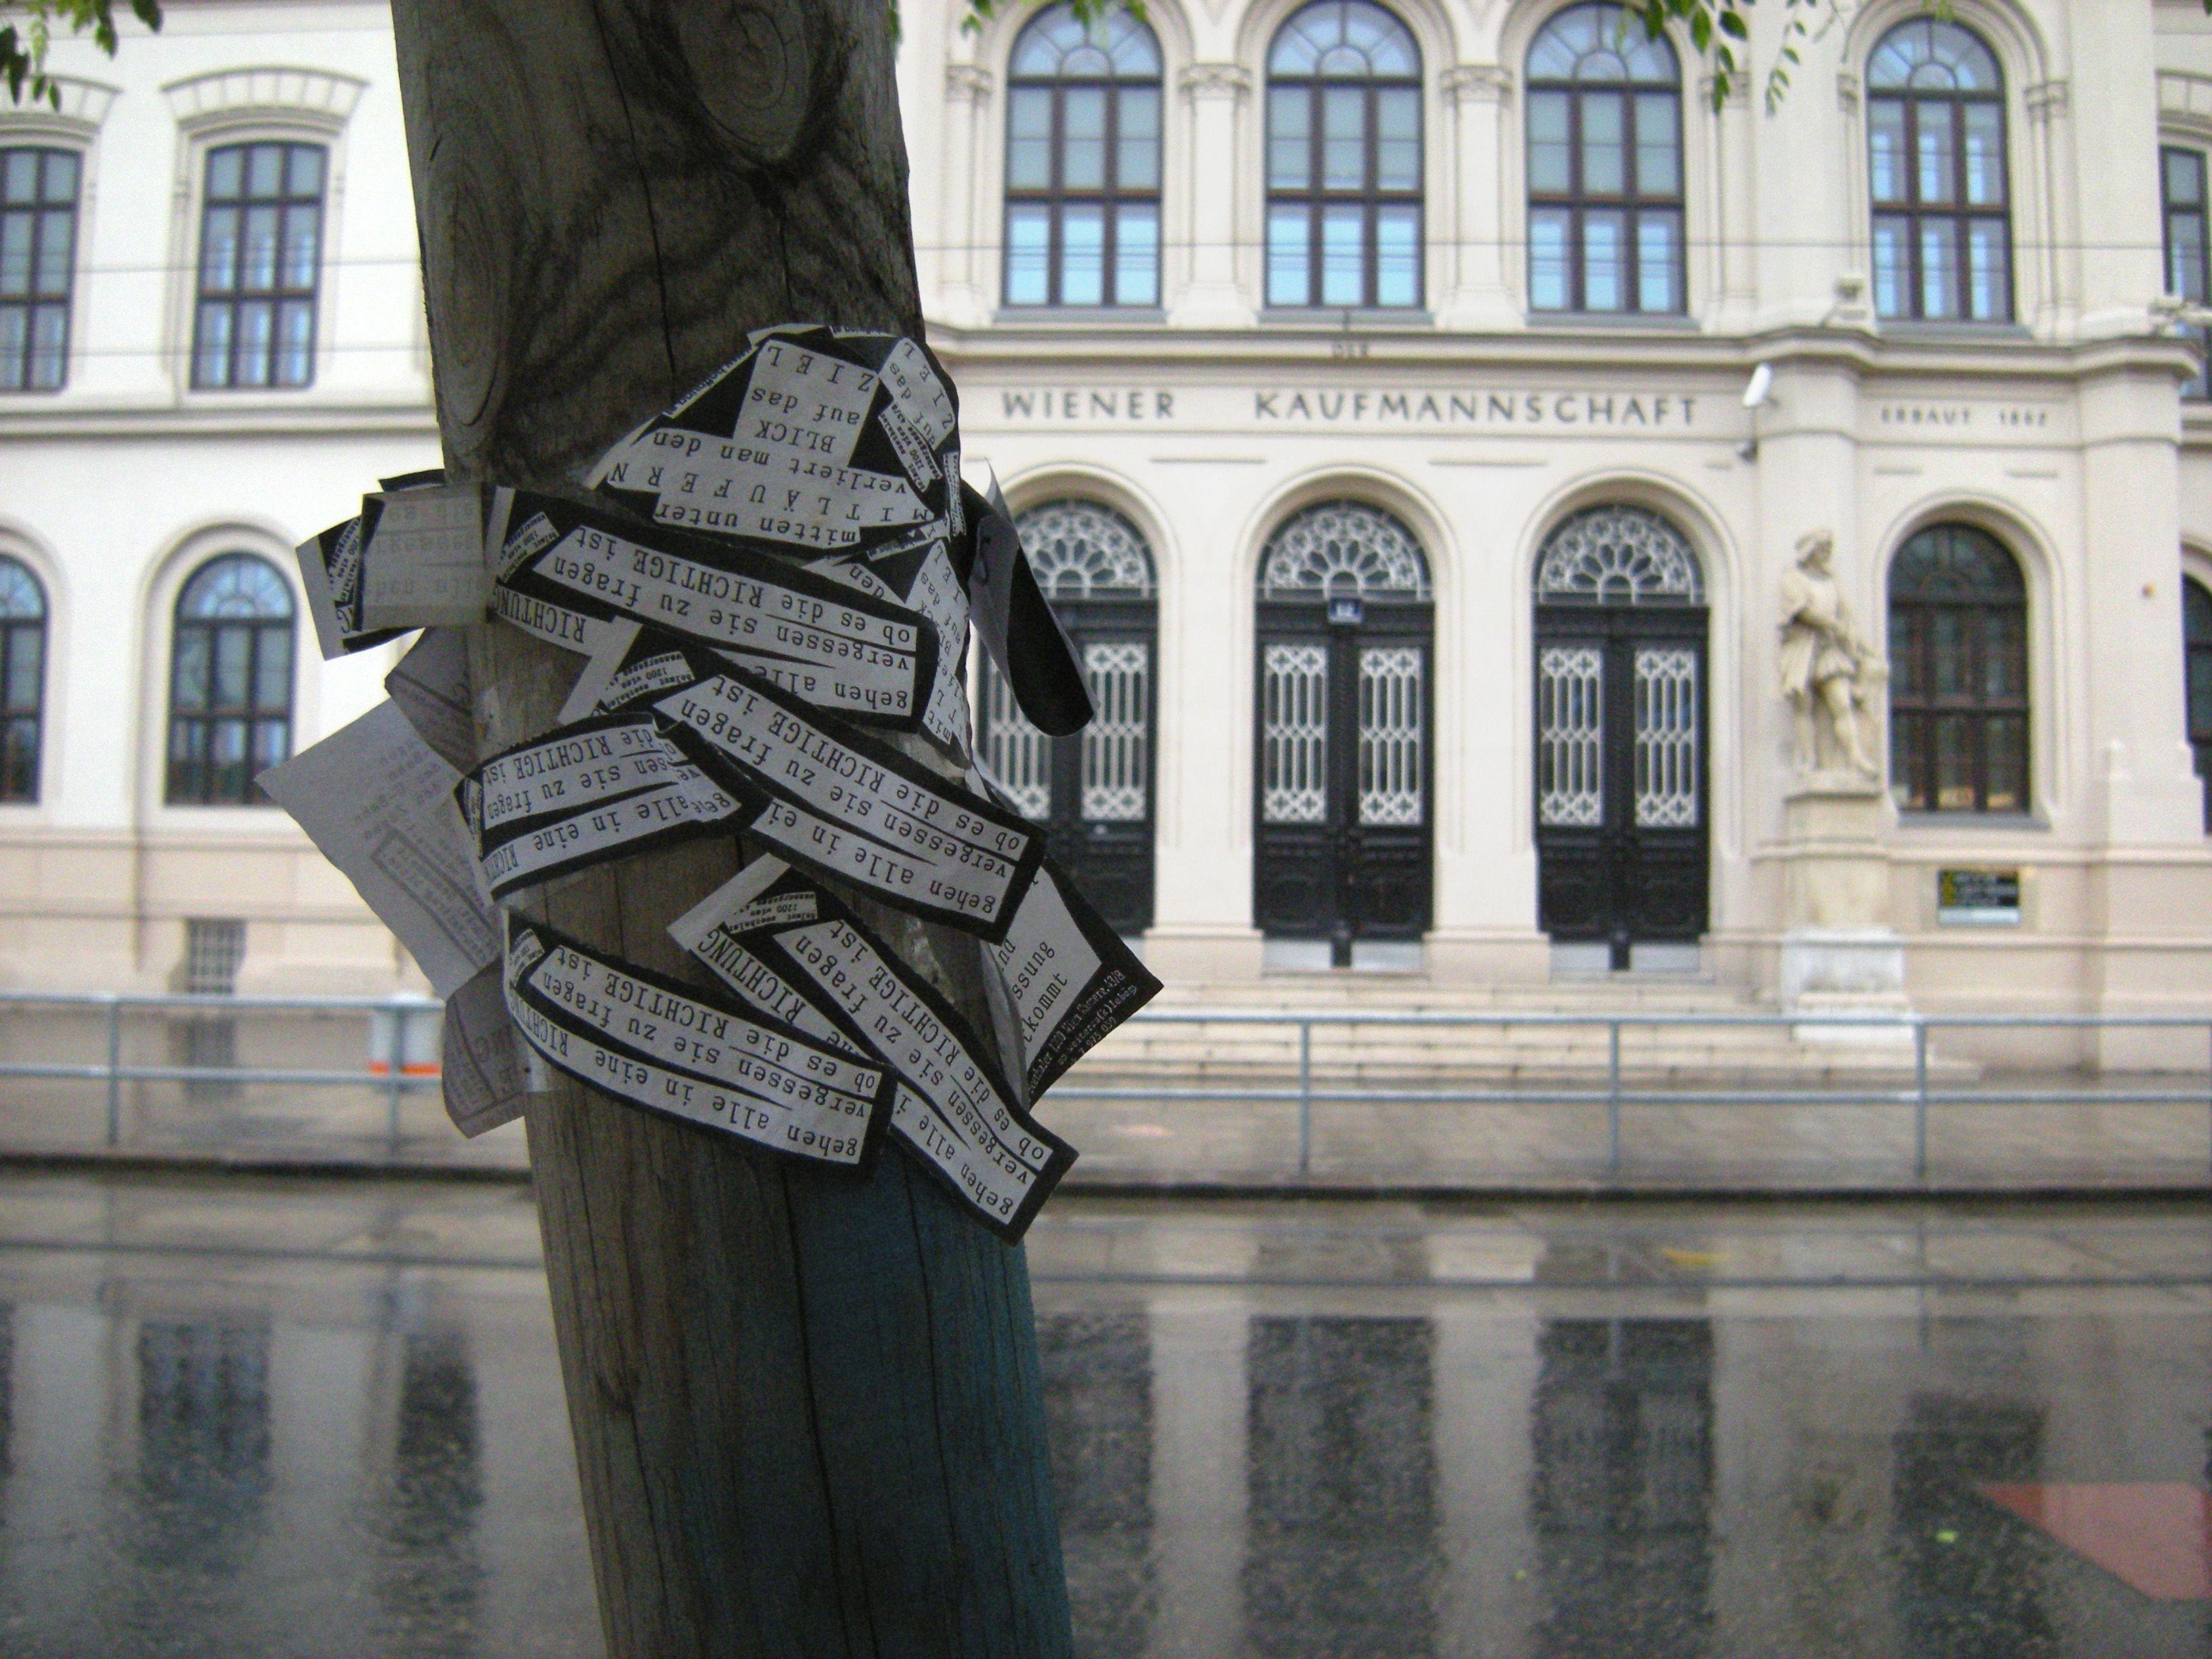 """""""Tiresias - Meinungen über Kunst, Kultur und Gesellschaft: Helmut Seethaler, ein Kommentar""""  - Dank für die Unterstützung des  #Zetteldichters !"""